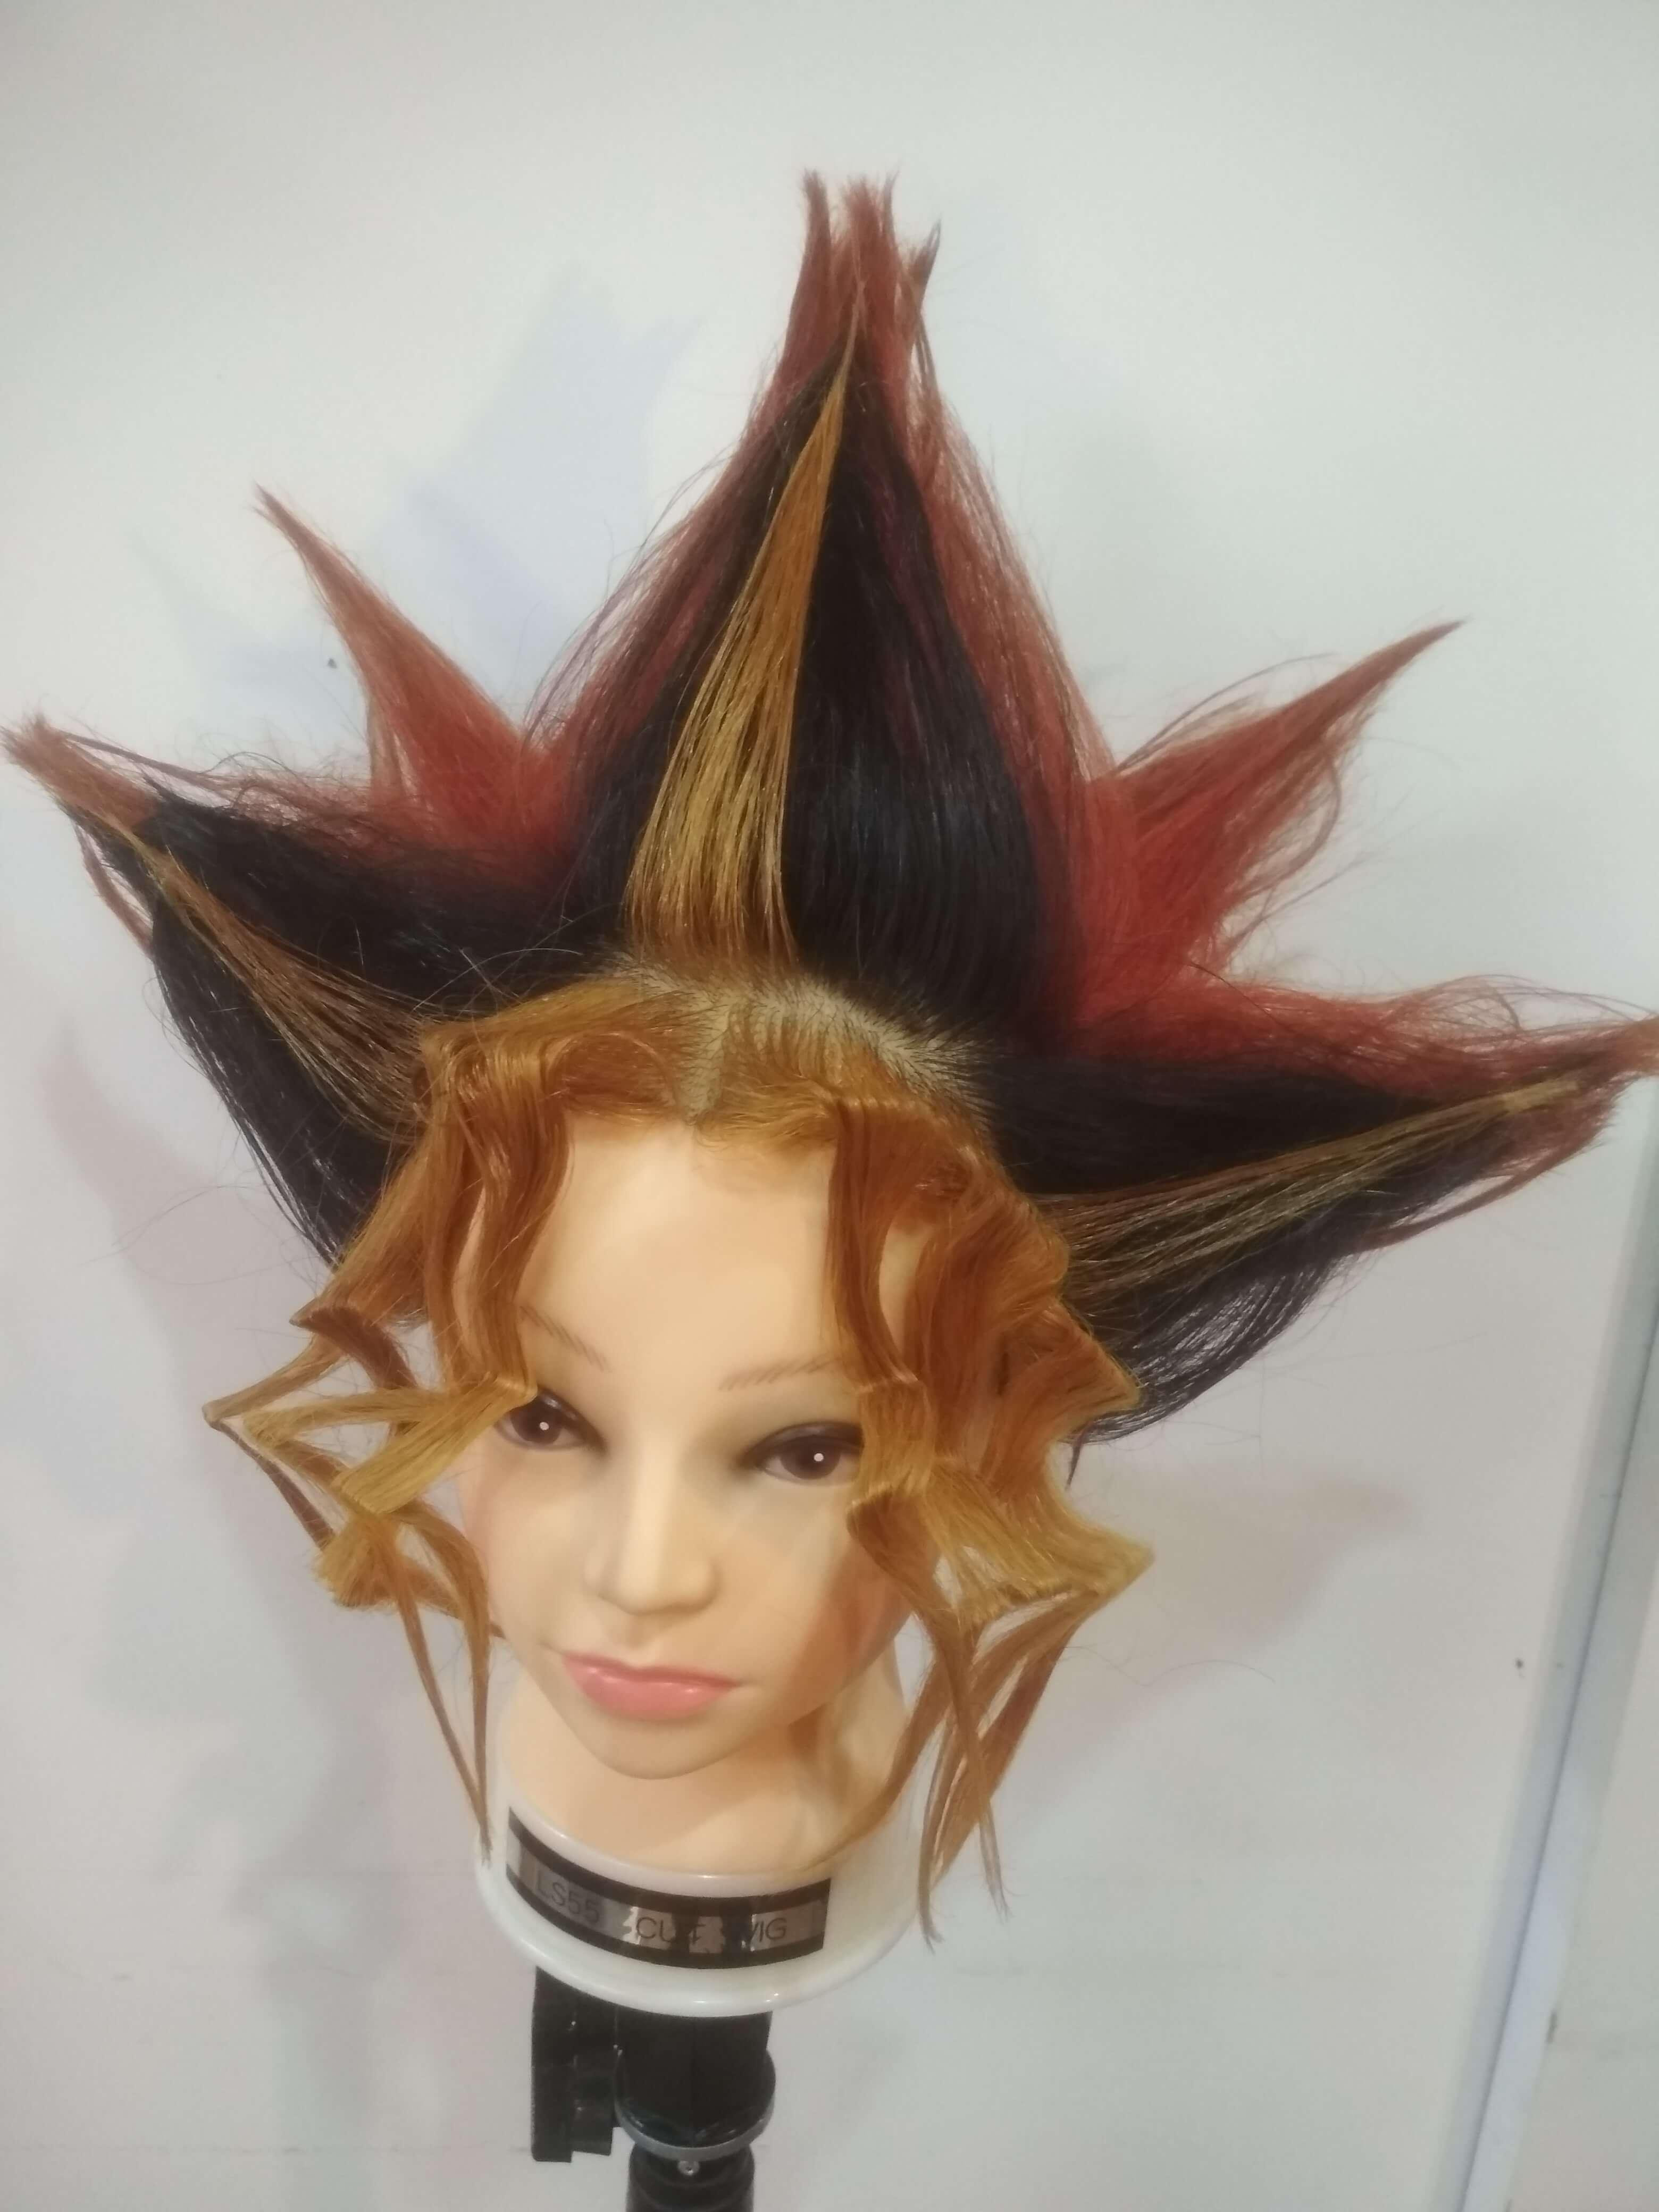 遊戯の髪型やってみた